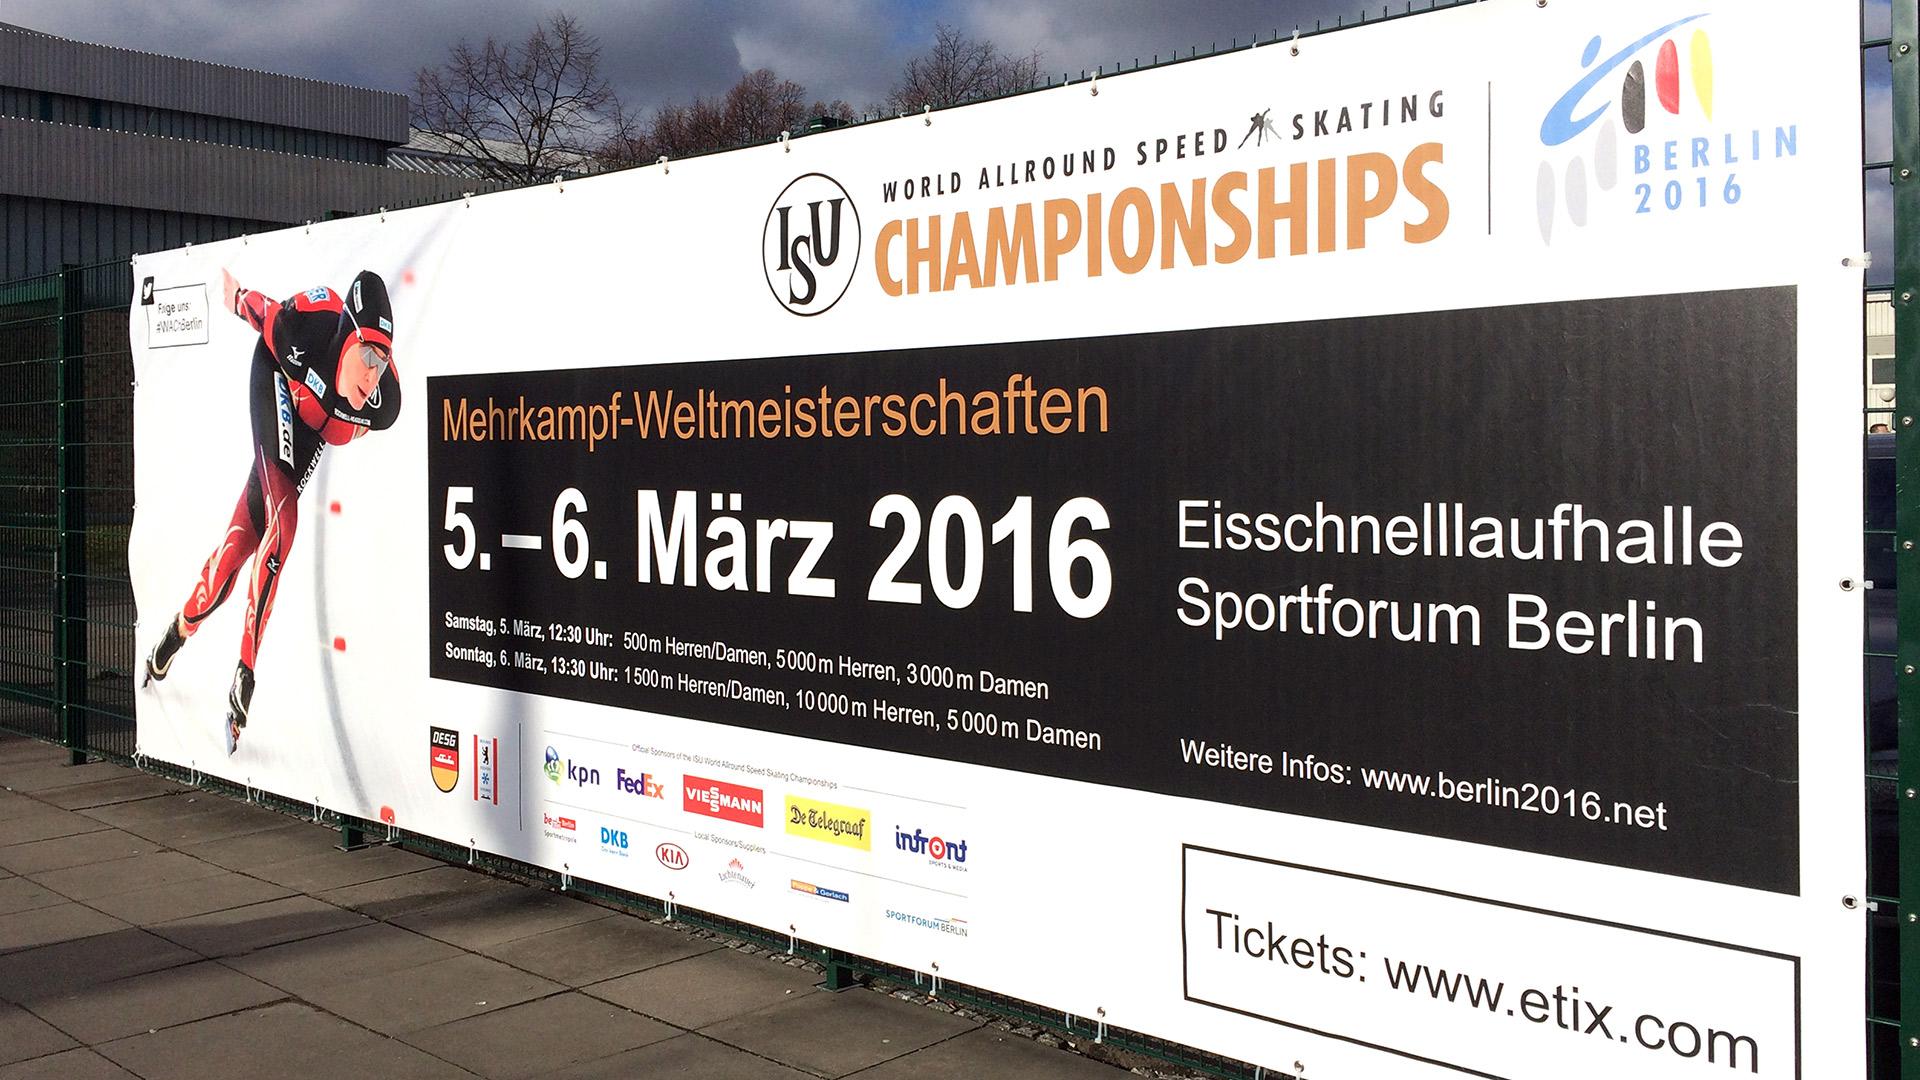 Sport-Außenwerbung-Vollplane-Matti-Michalke-Berlin-Brandenburg-Aussenwerbung-Innenwerbung-Banner-Planen-Folien-Werbemittel-Druck-Print.jpg